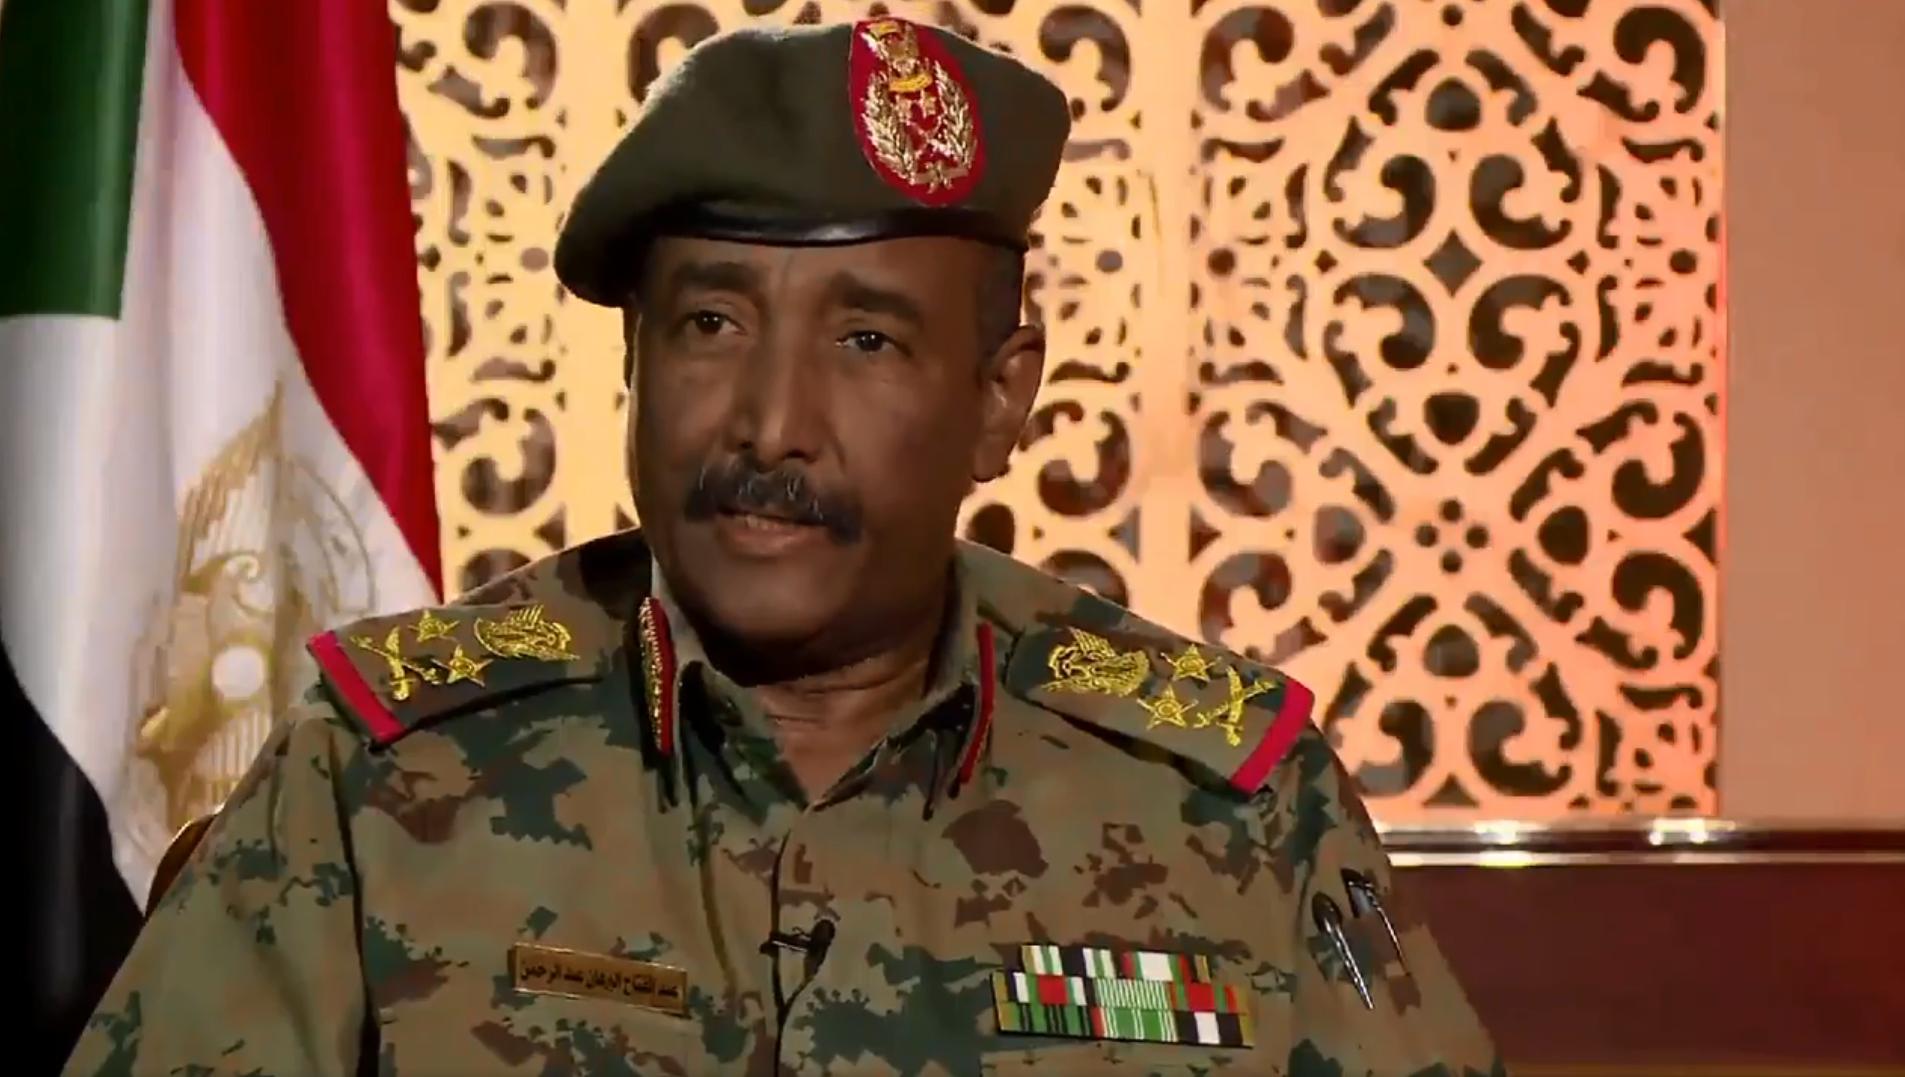 عبد الفتاح البرهان قائد القوات المسلحة السودانية ورئيس المجلس السيادي في السودان